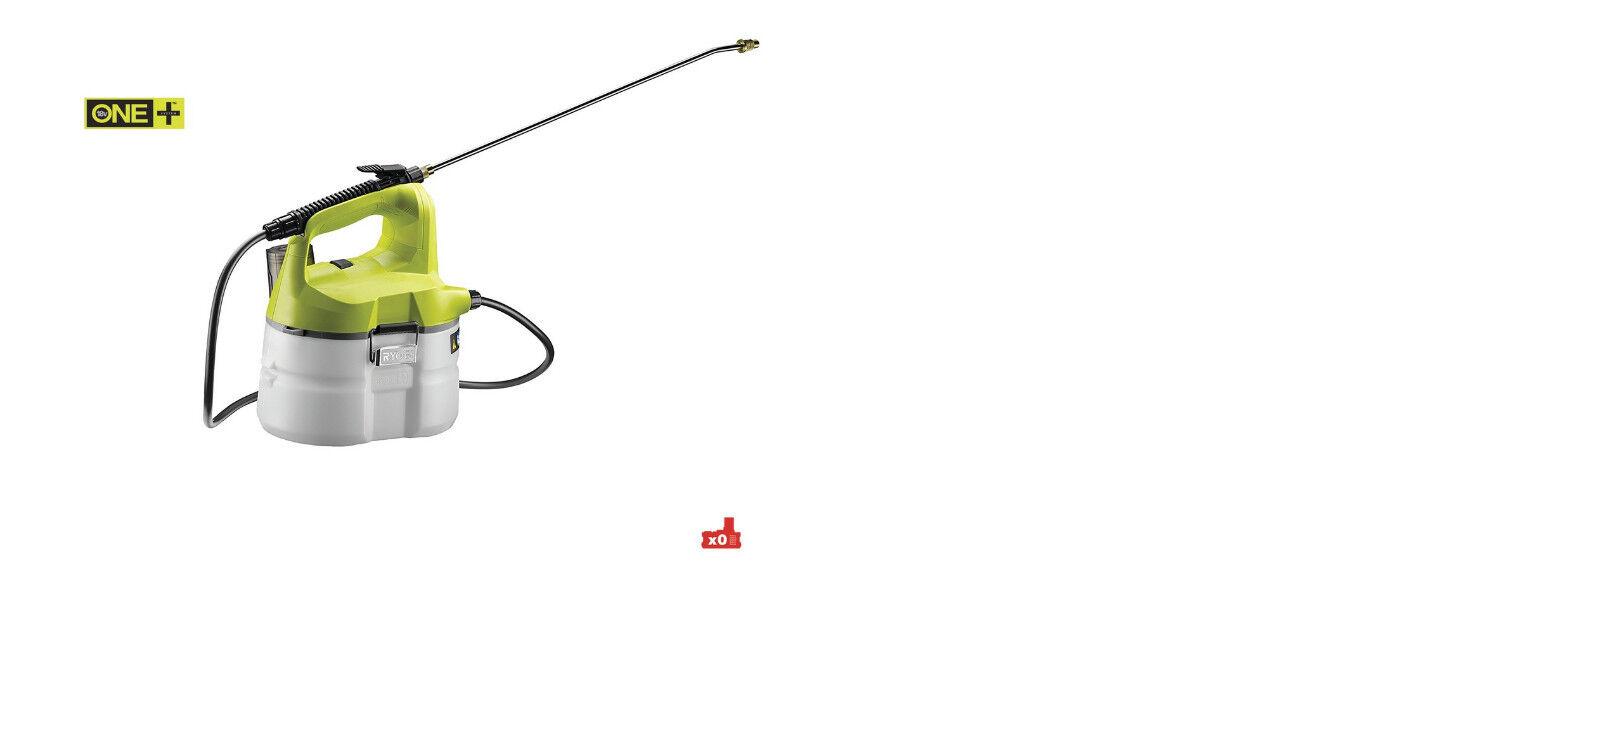 RYOBI RYOBI RYOBI OWS1880  18V 3.5L Sprayer One + mit 1 5 Ah Akku Ohne Ladegerät  5133002671 67e953